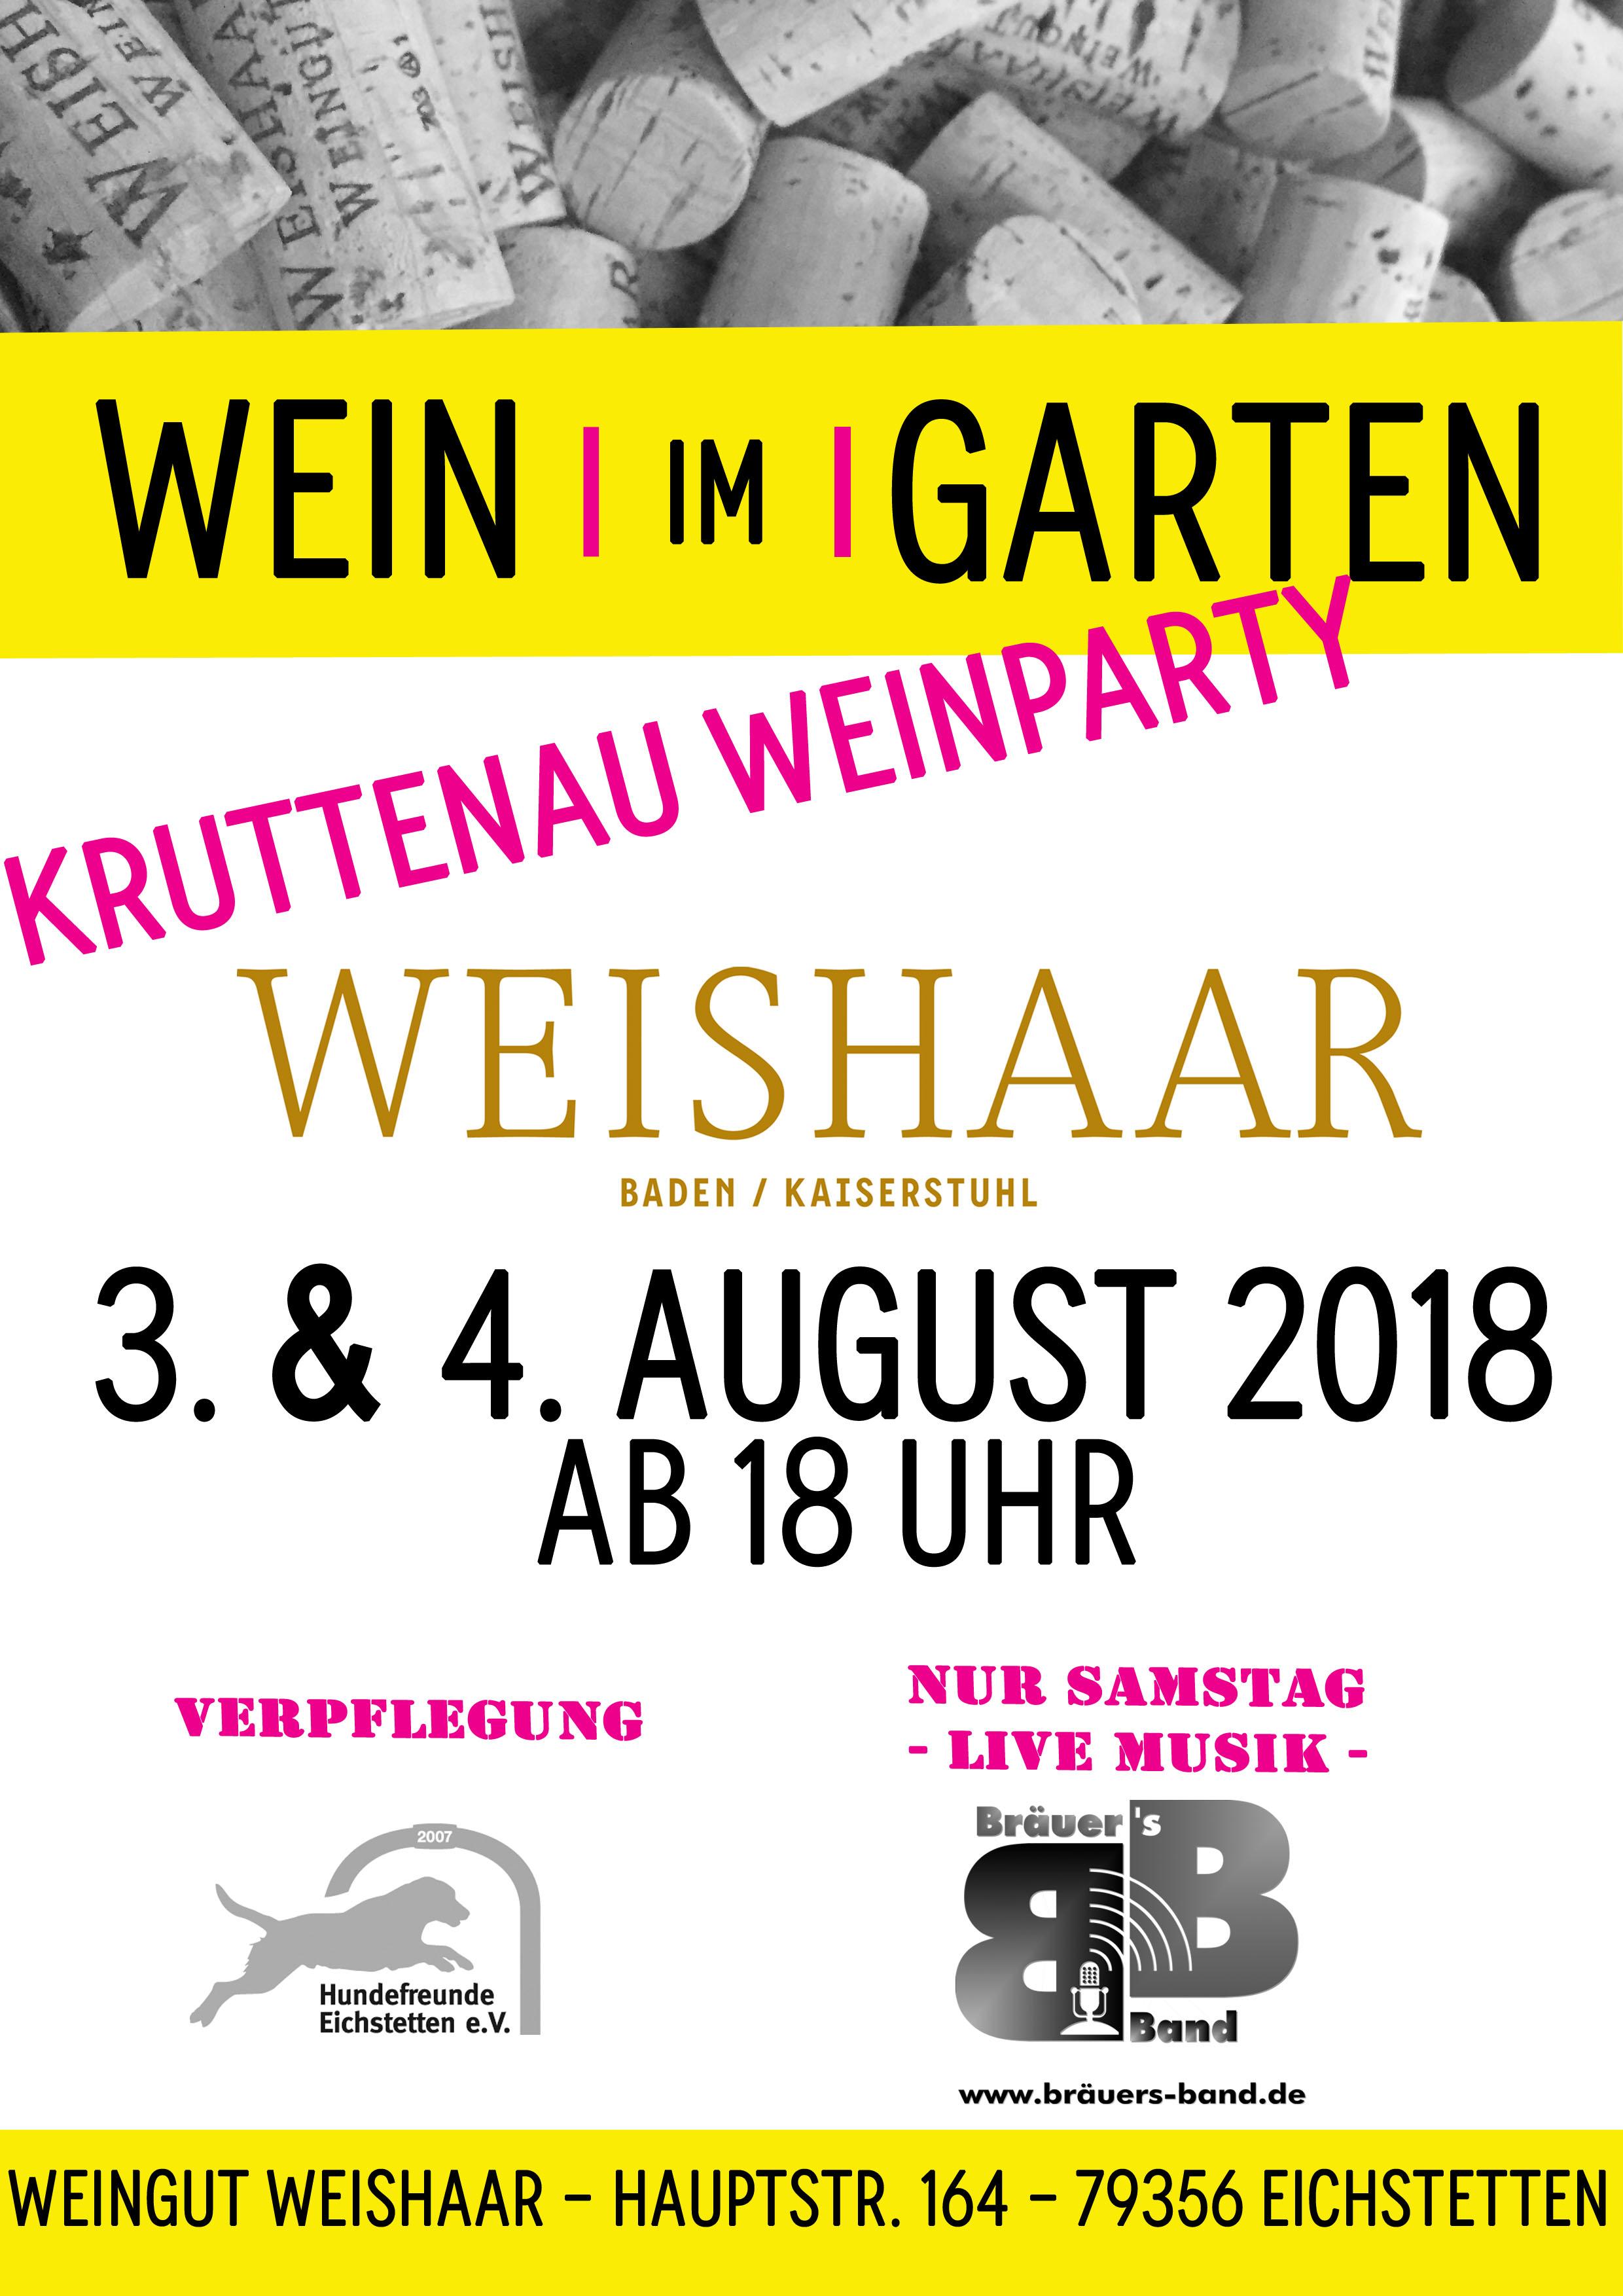 Wein Im Garten – Die Kruttenauweinparty am 3. & 4. August 2018 im Weingut Weishaar Eichstetten